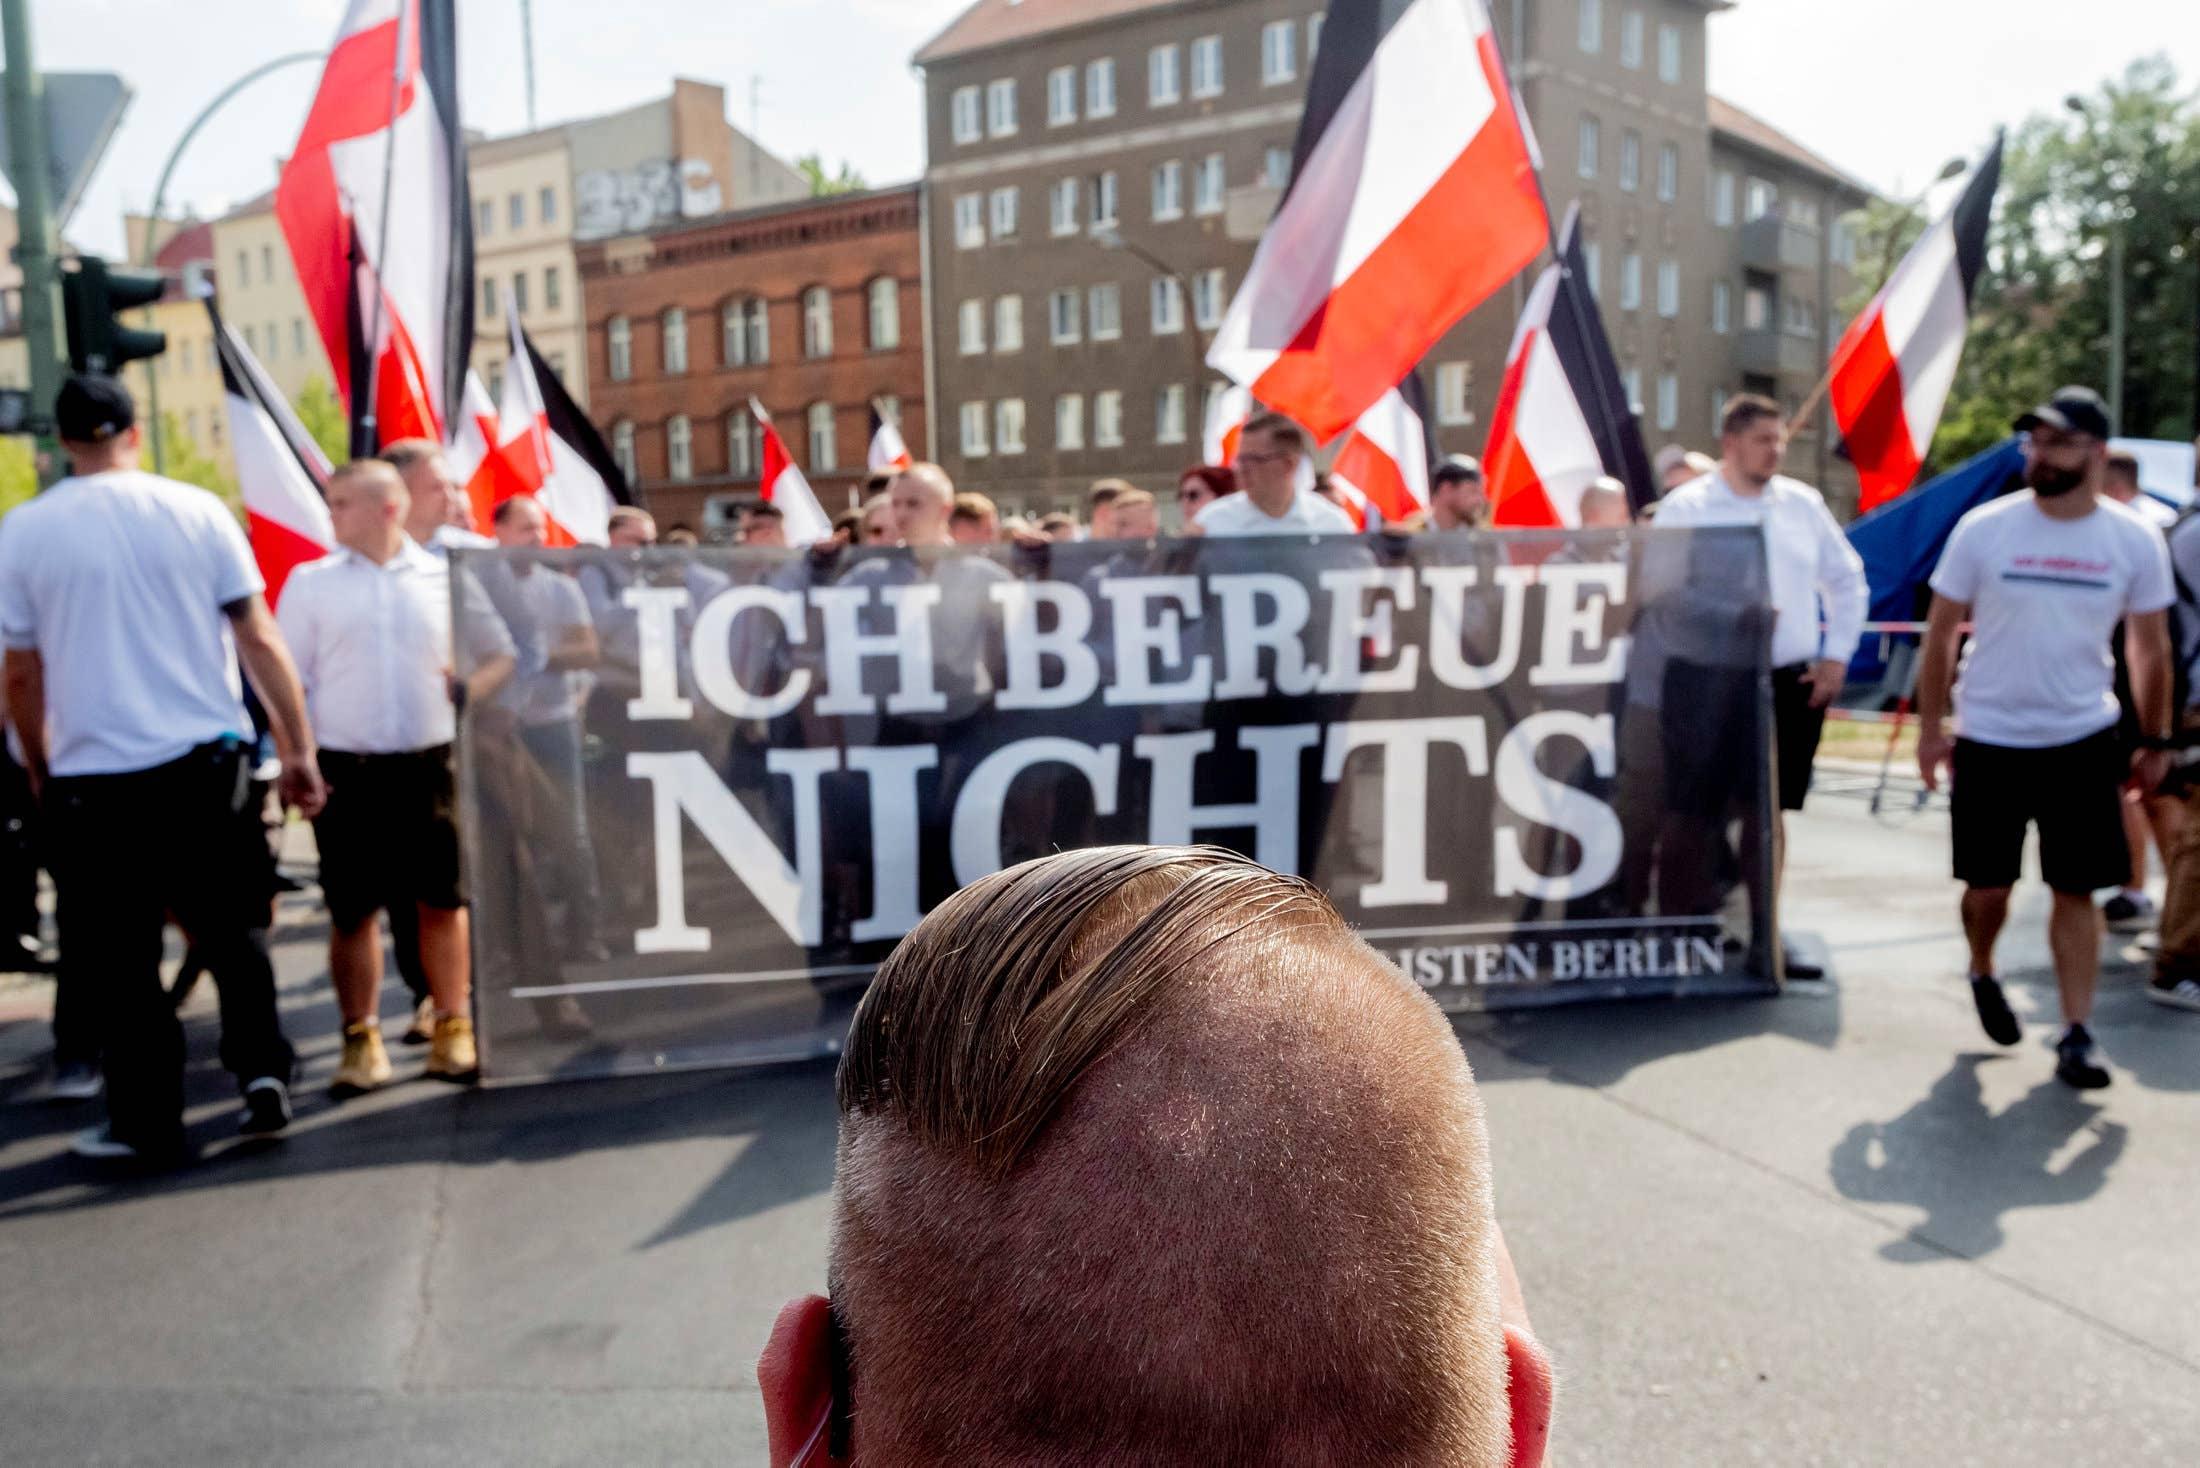 Autoridades de Alemania informaron que el número de extremistas de extrema derecha en el país aumentó el año pasado